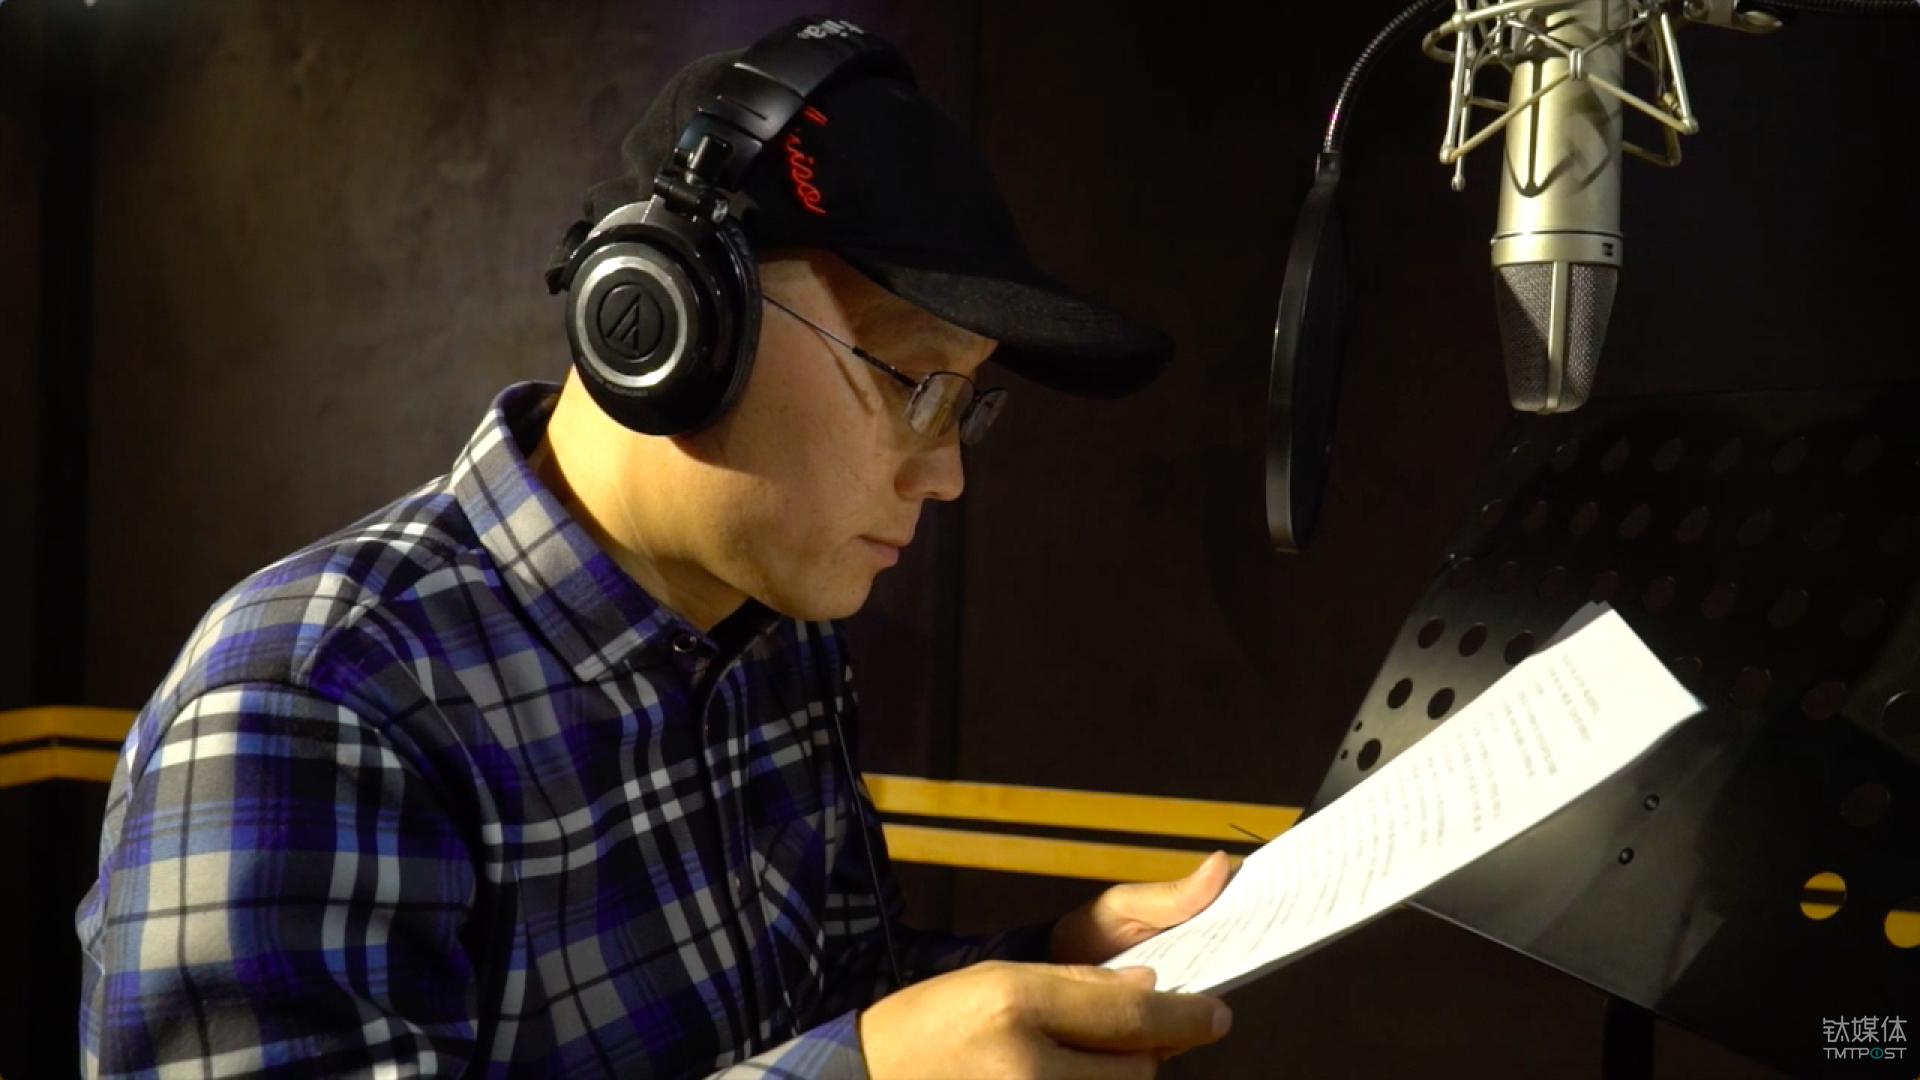 王先生在录制自己的声音